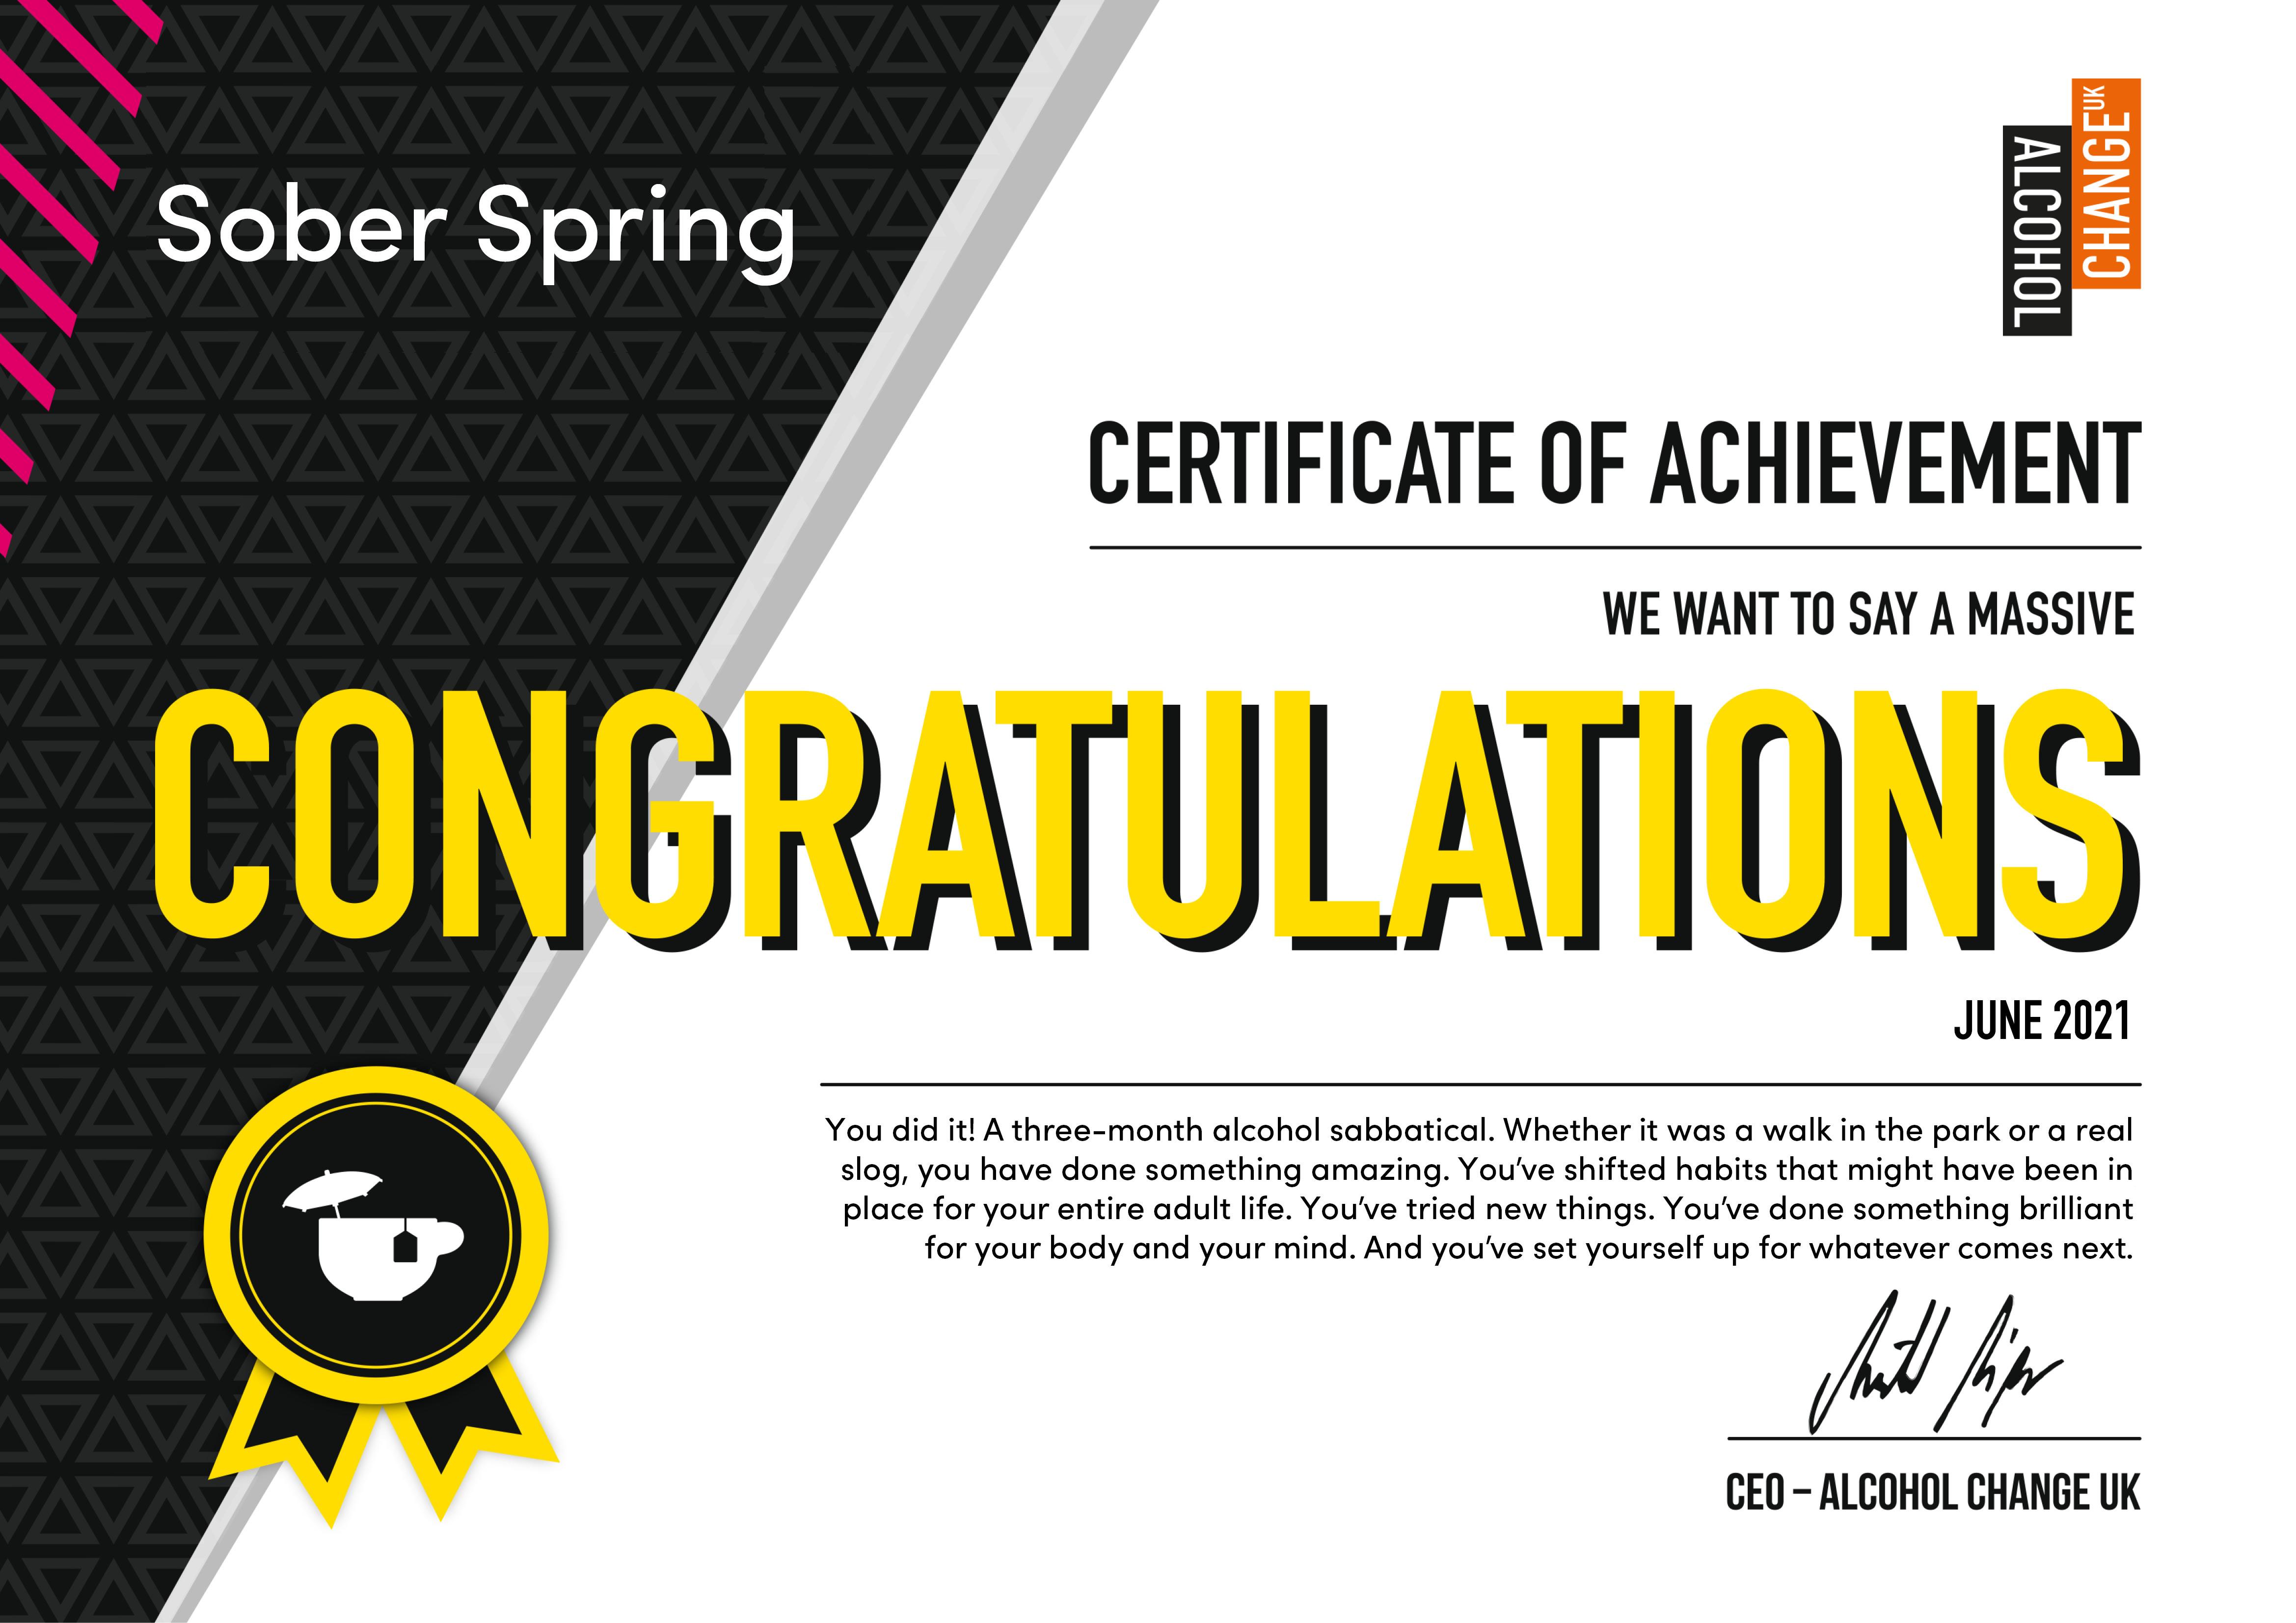 Sober Spring certificate